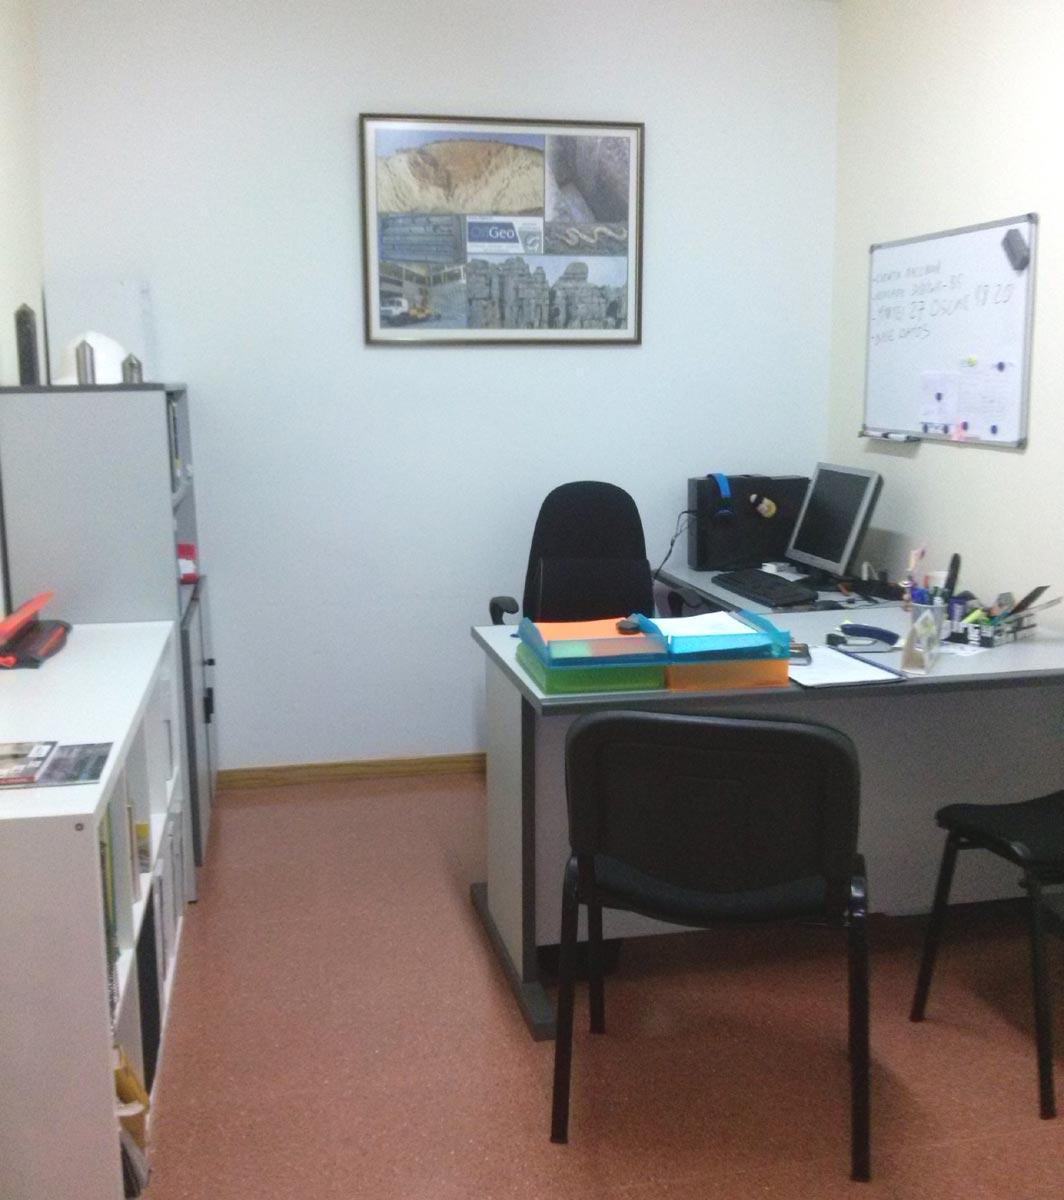 Oficina de alquiler para una persona en zaragoza for Oficinas seguridad social barcelona horarios